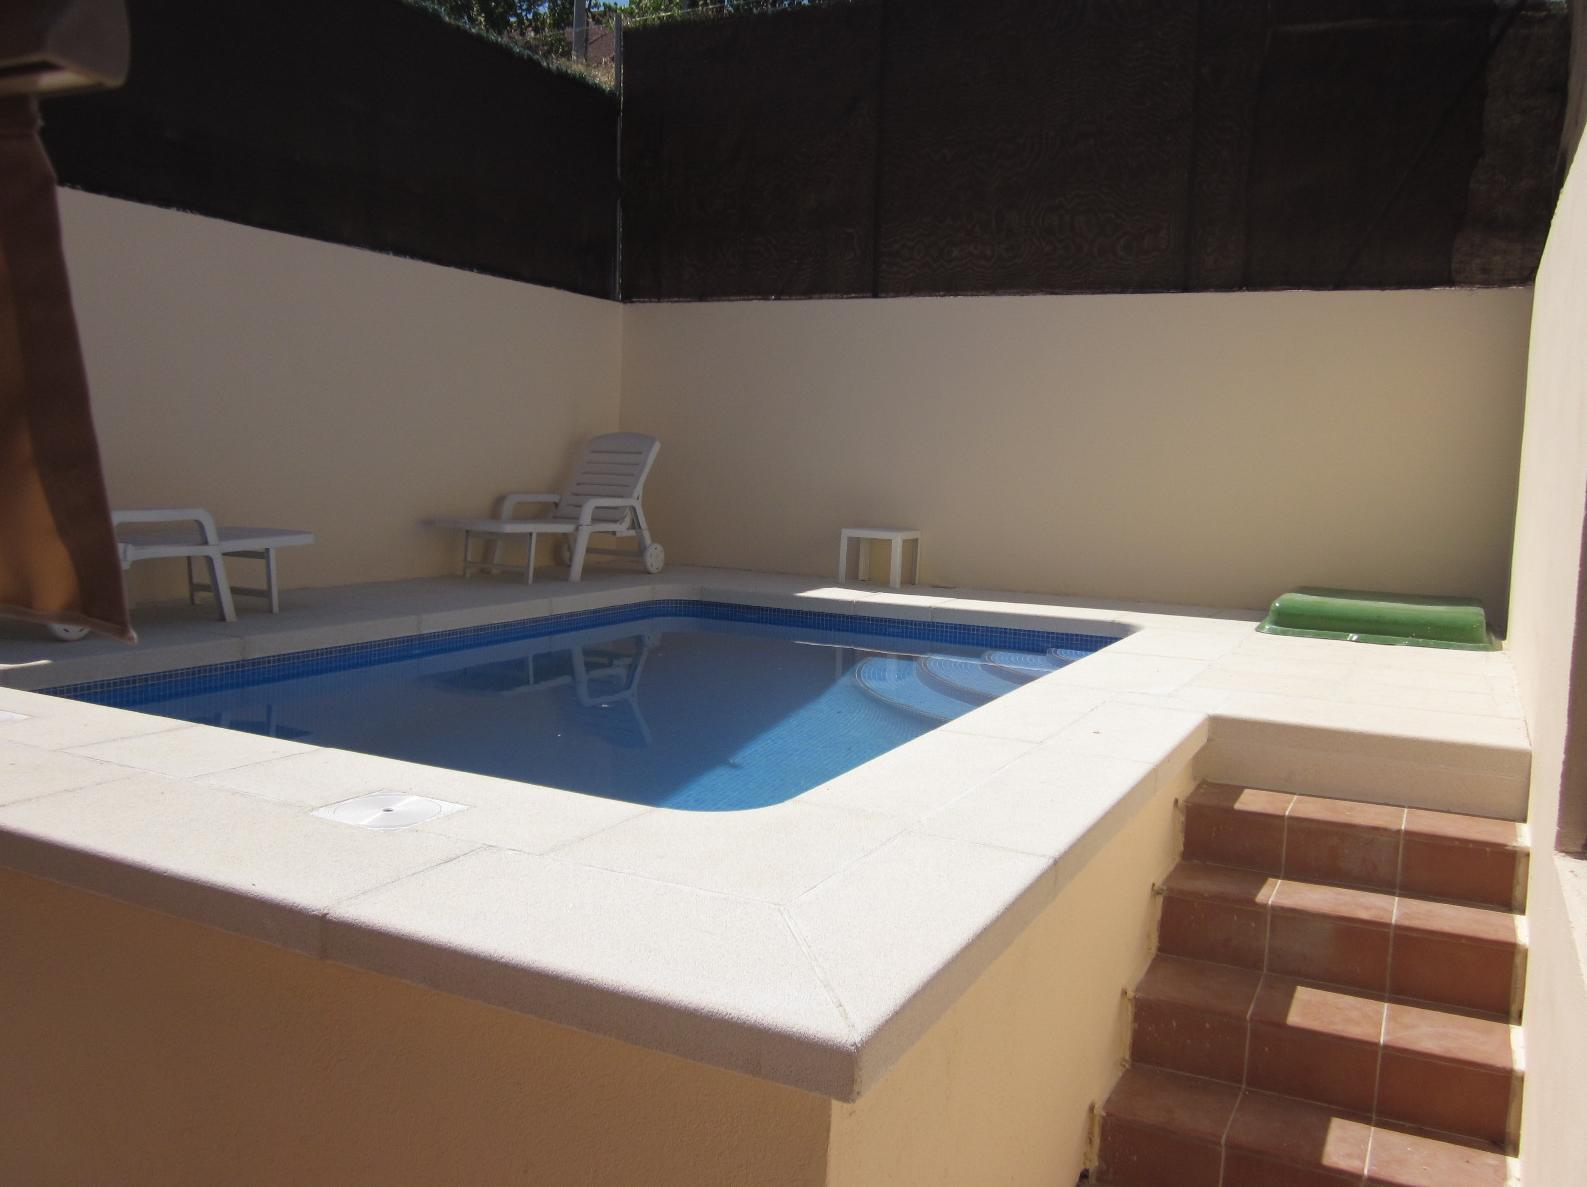 Piscinas de obra piscinas y accesorios de ardigral for Construccion de piscinas de obra